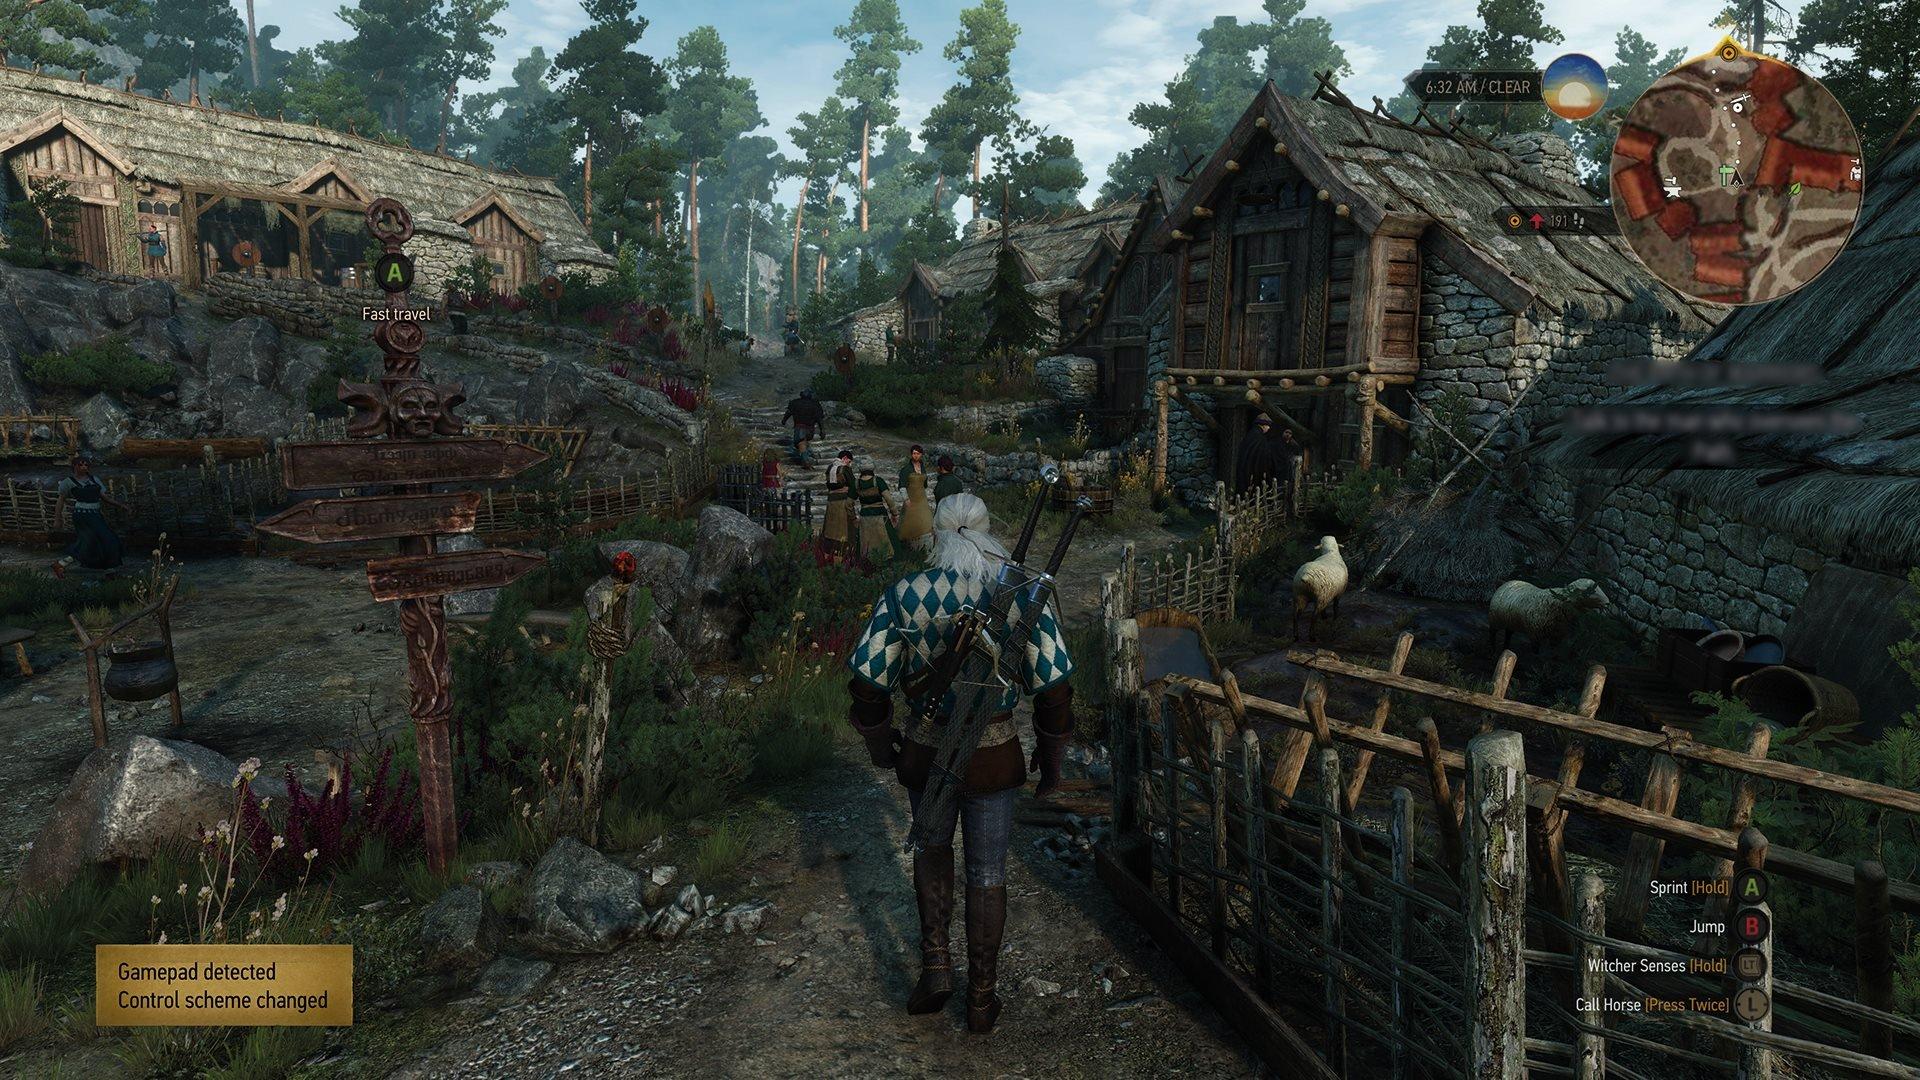 The Witcher 3: Wild Hunt. Новые факты.    • После завершения первого акта, мир становится открытым и мы поможем посе ... - Изображение 4